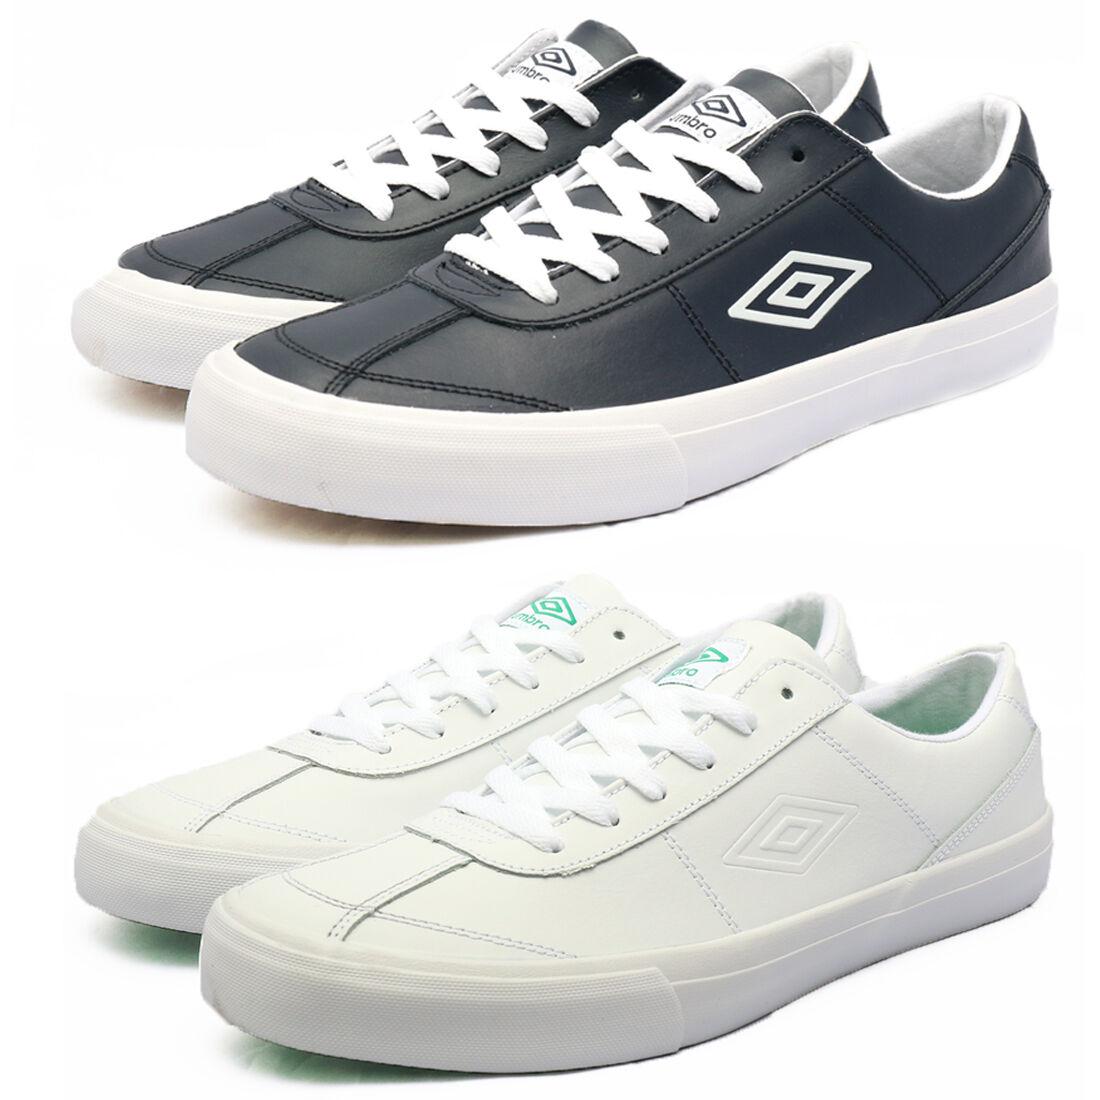 new umbro casual shoes uml1008ls galaxy 3 colors ebay